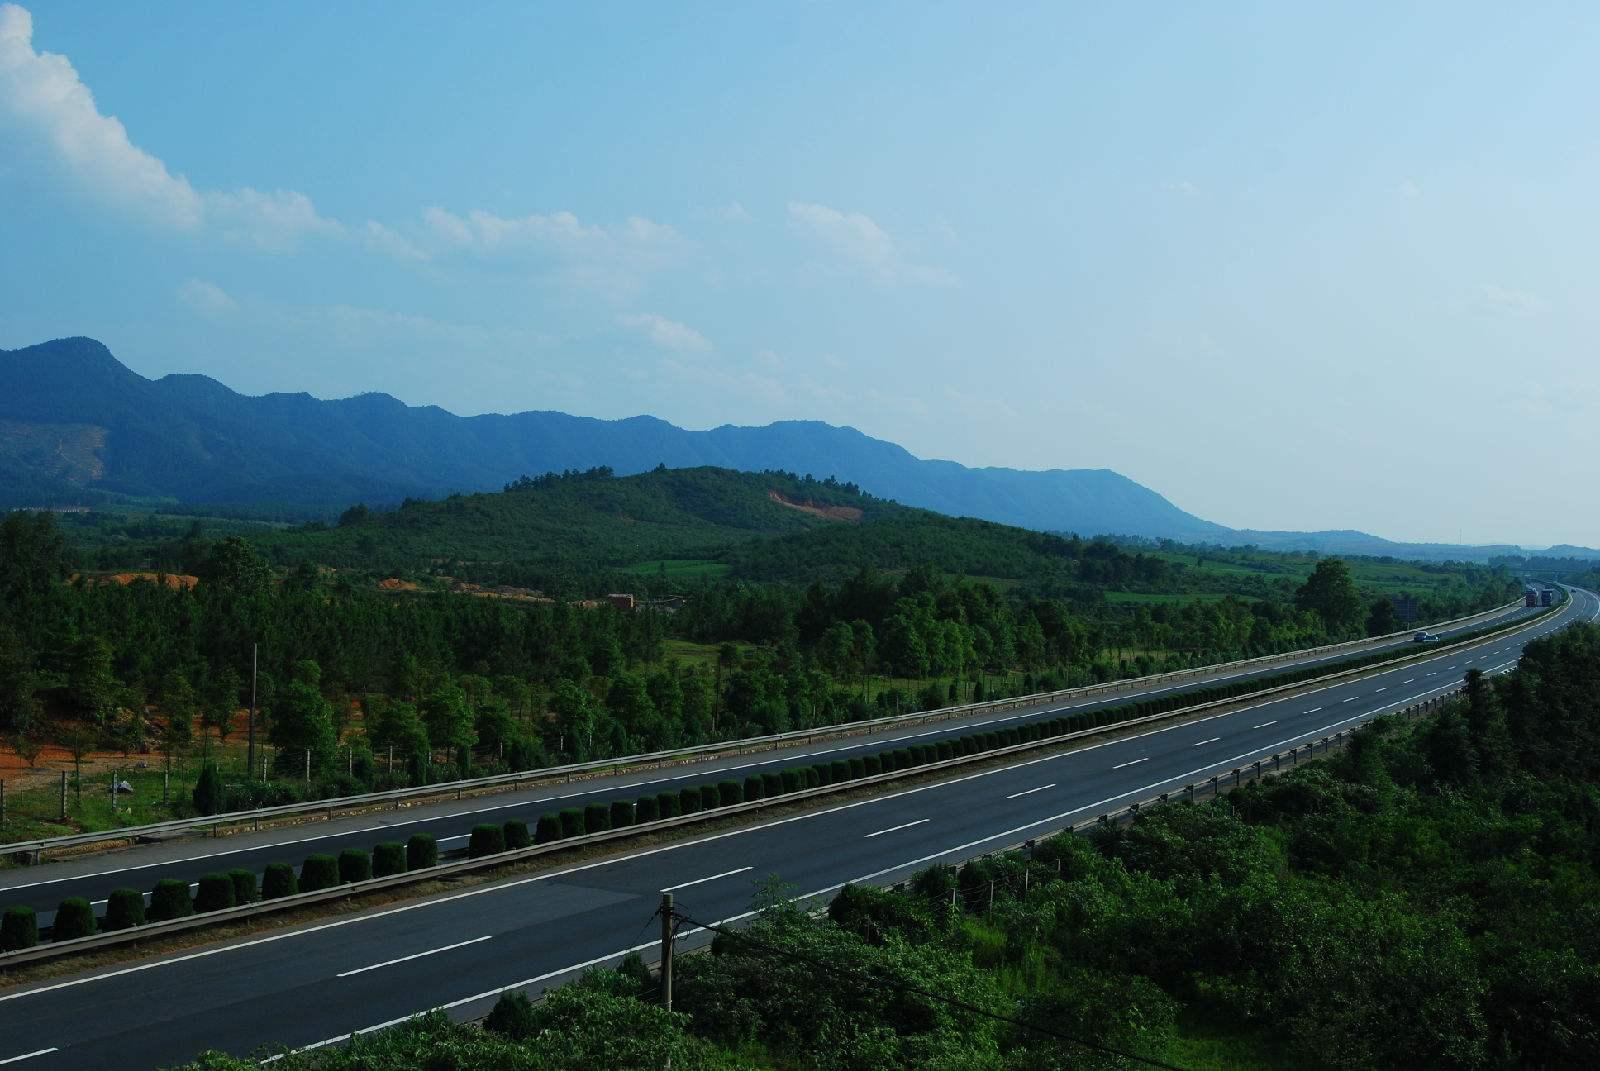 山东在建的一条高速,长约61.5公里,双向4车道,预计2020年通车